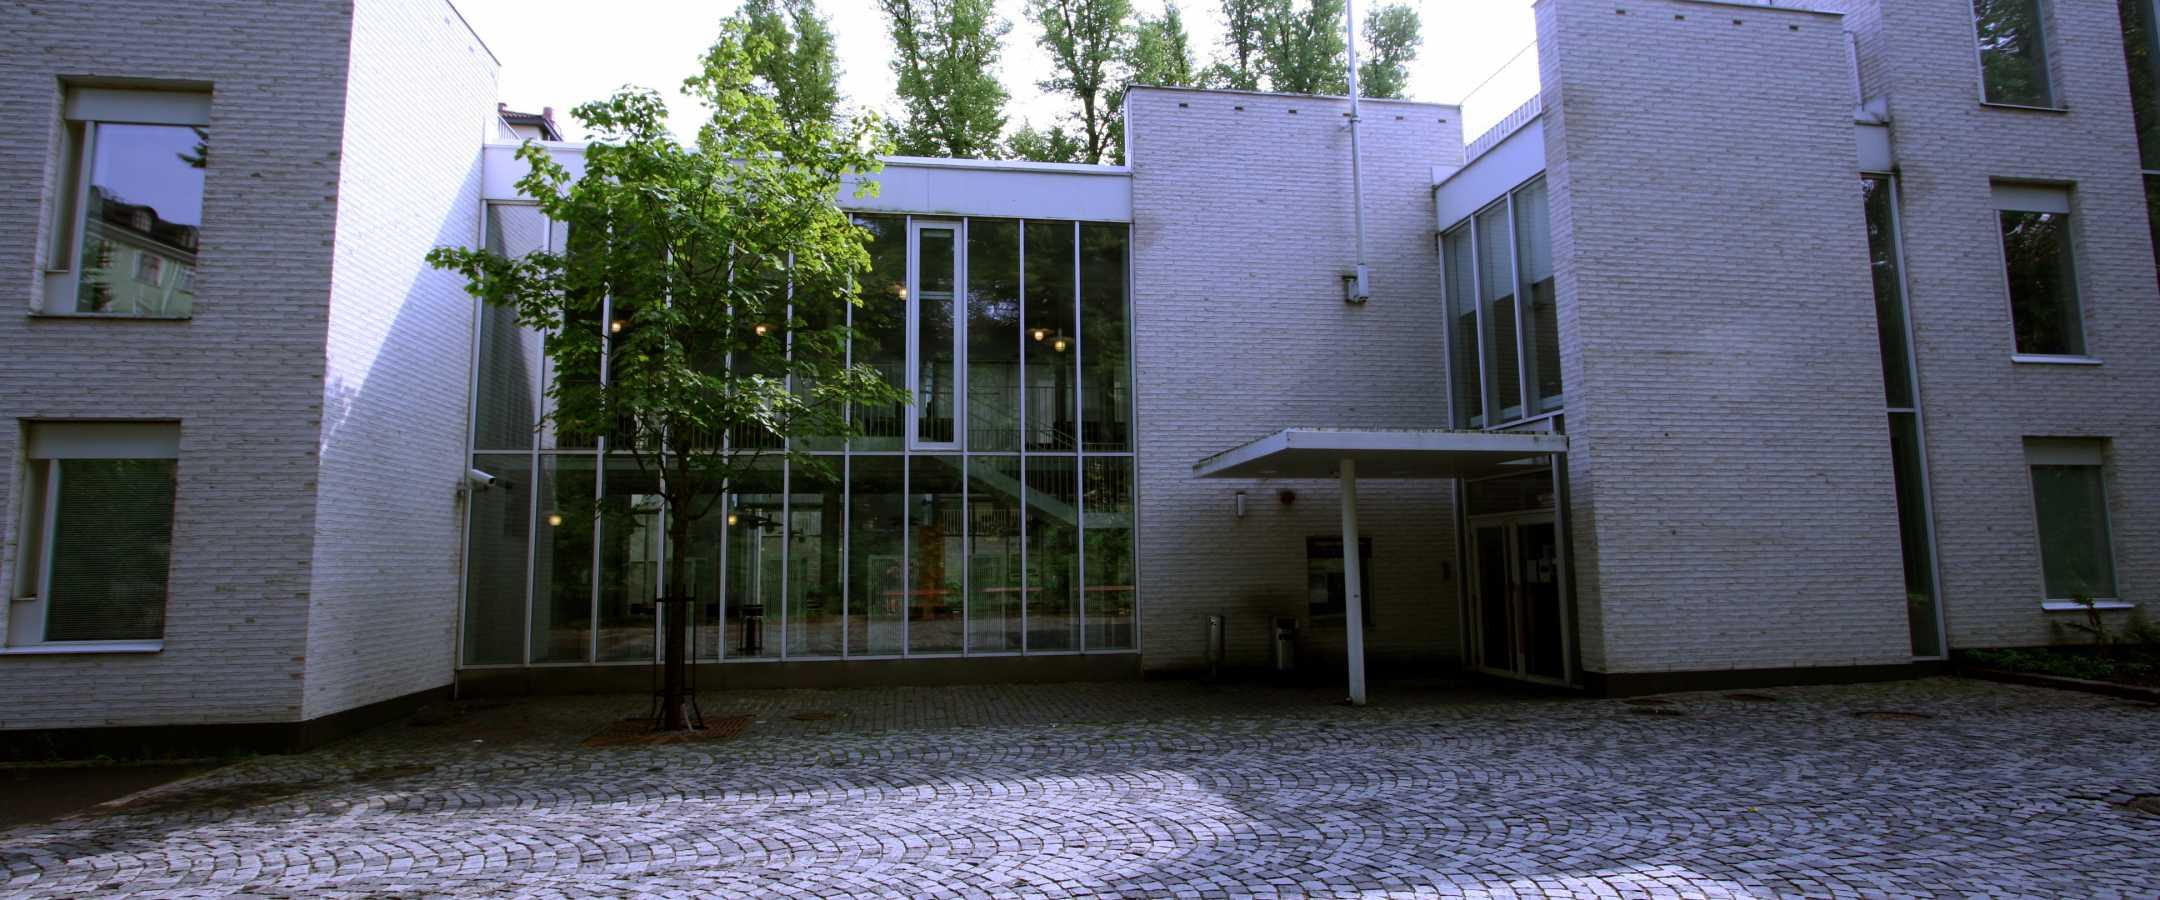 Svenska Social- Och Kommunalhögskolan